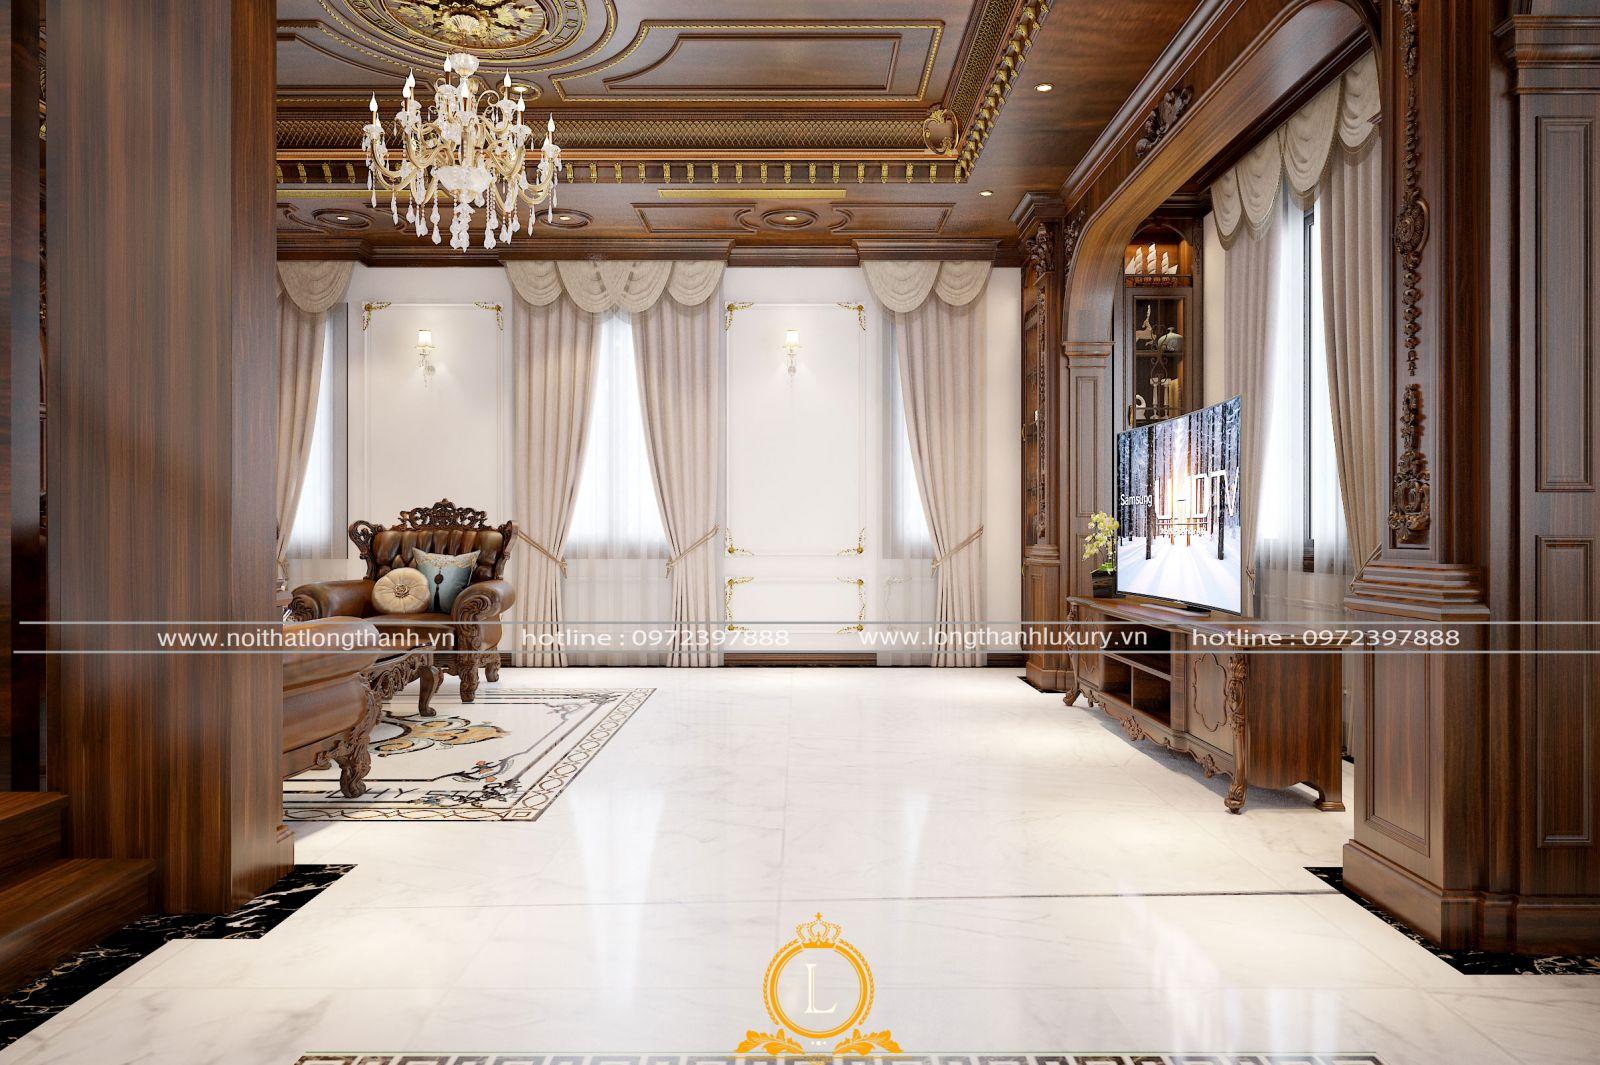 Sảnh phòng khách biệt thự rộng